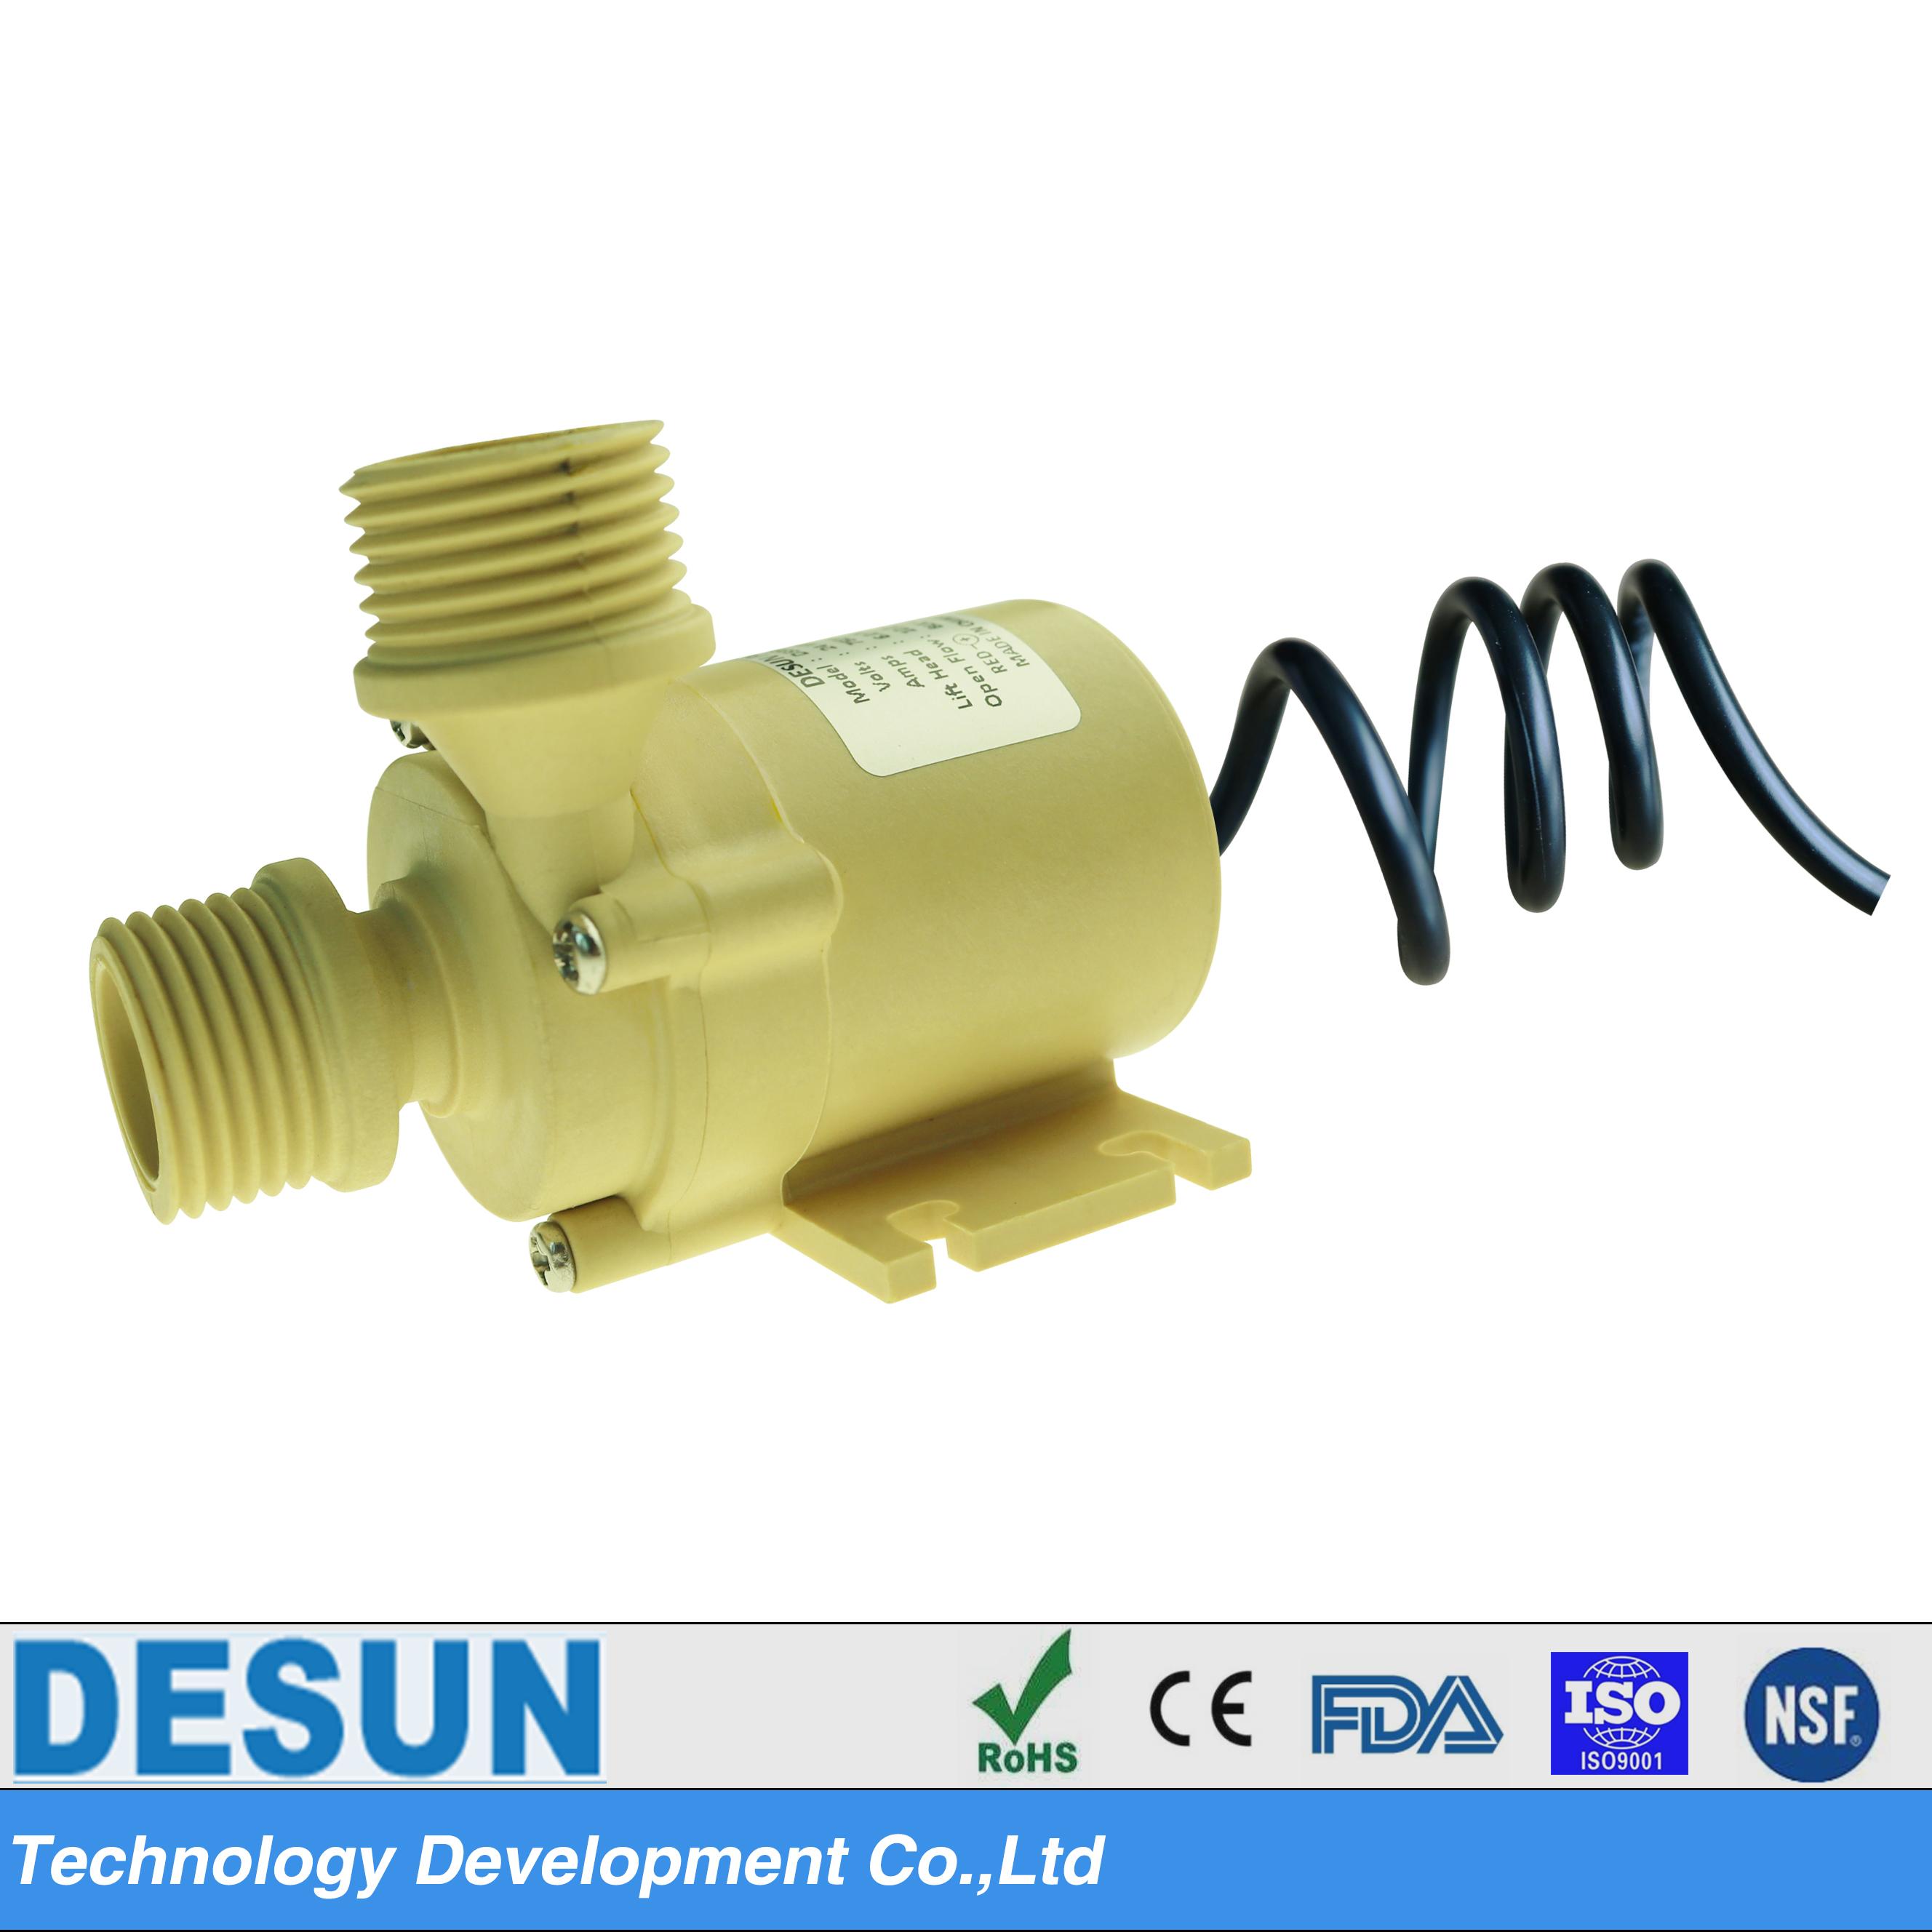 微型食品级医疗水泵DS3502HF